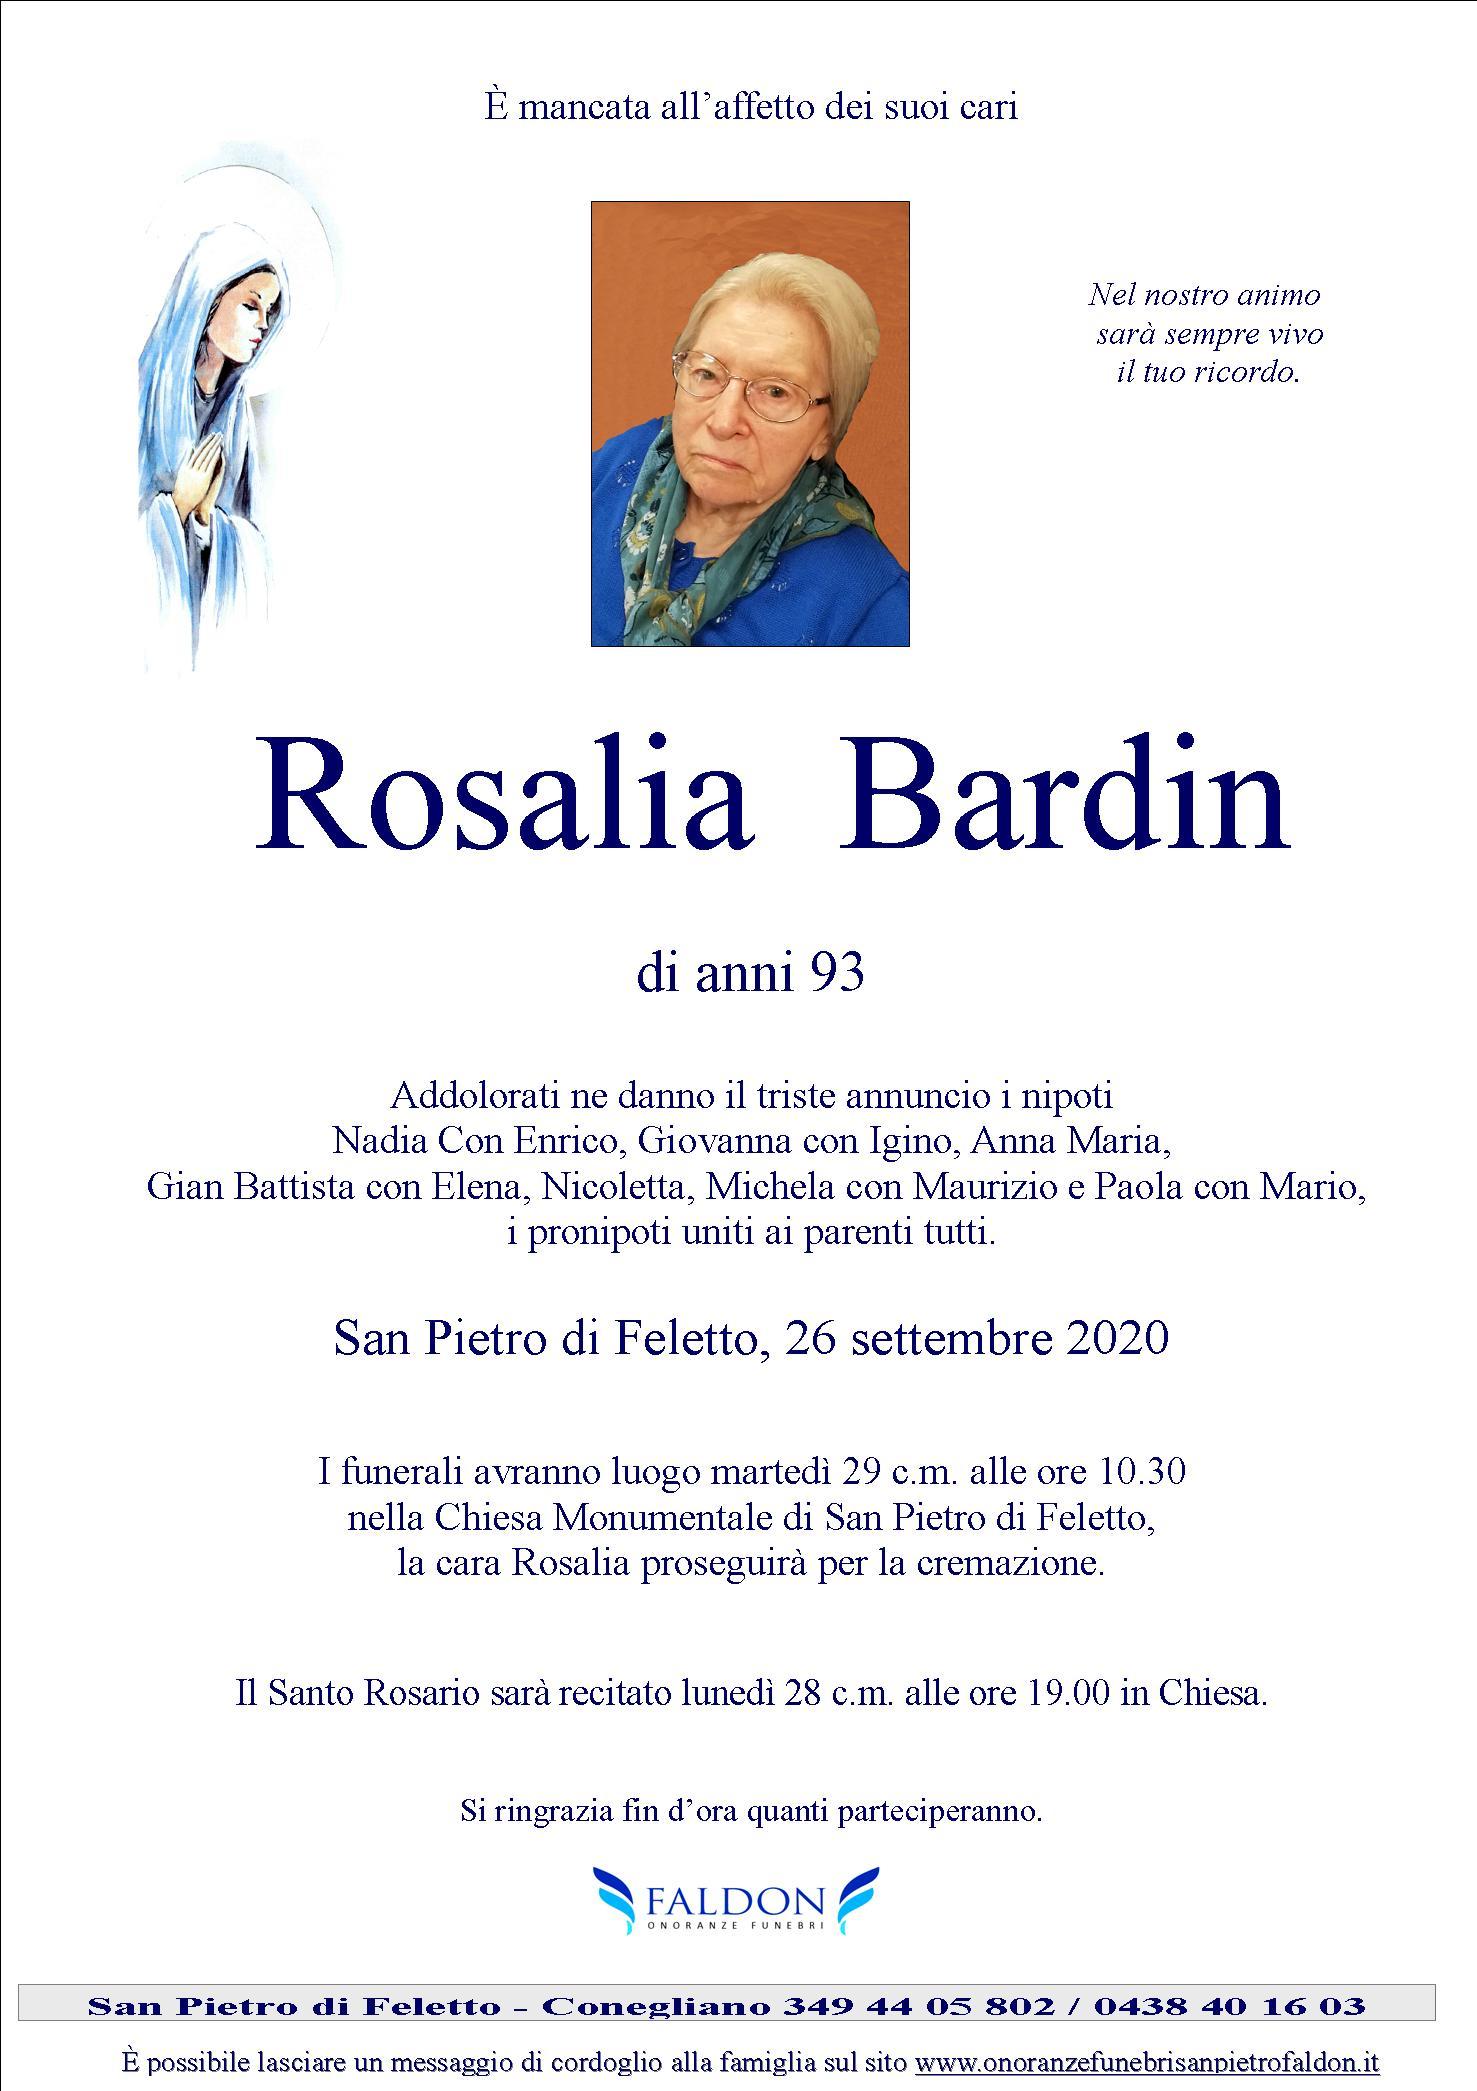 Rosalia Bardin